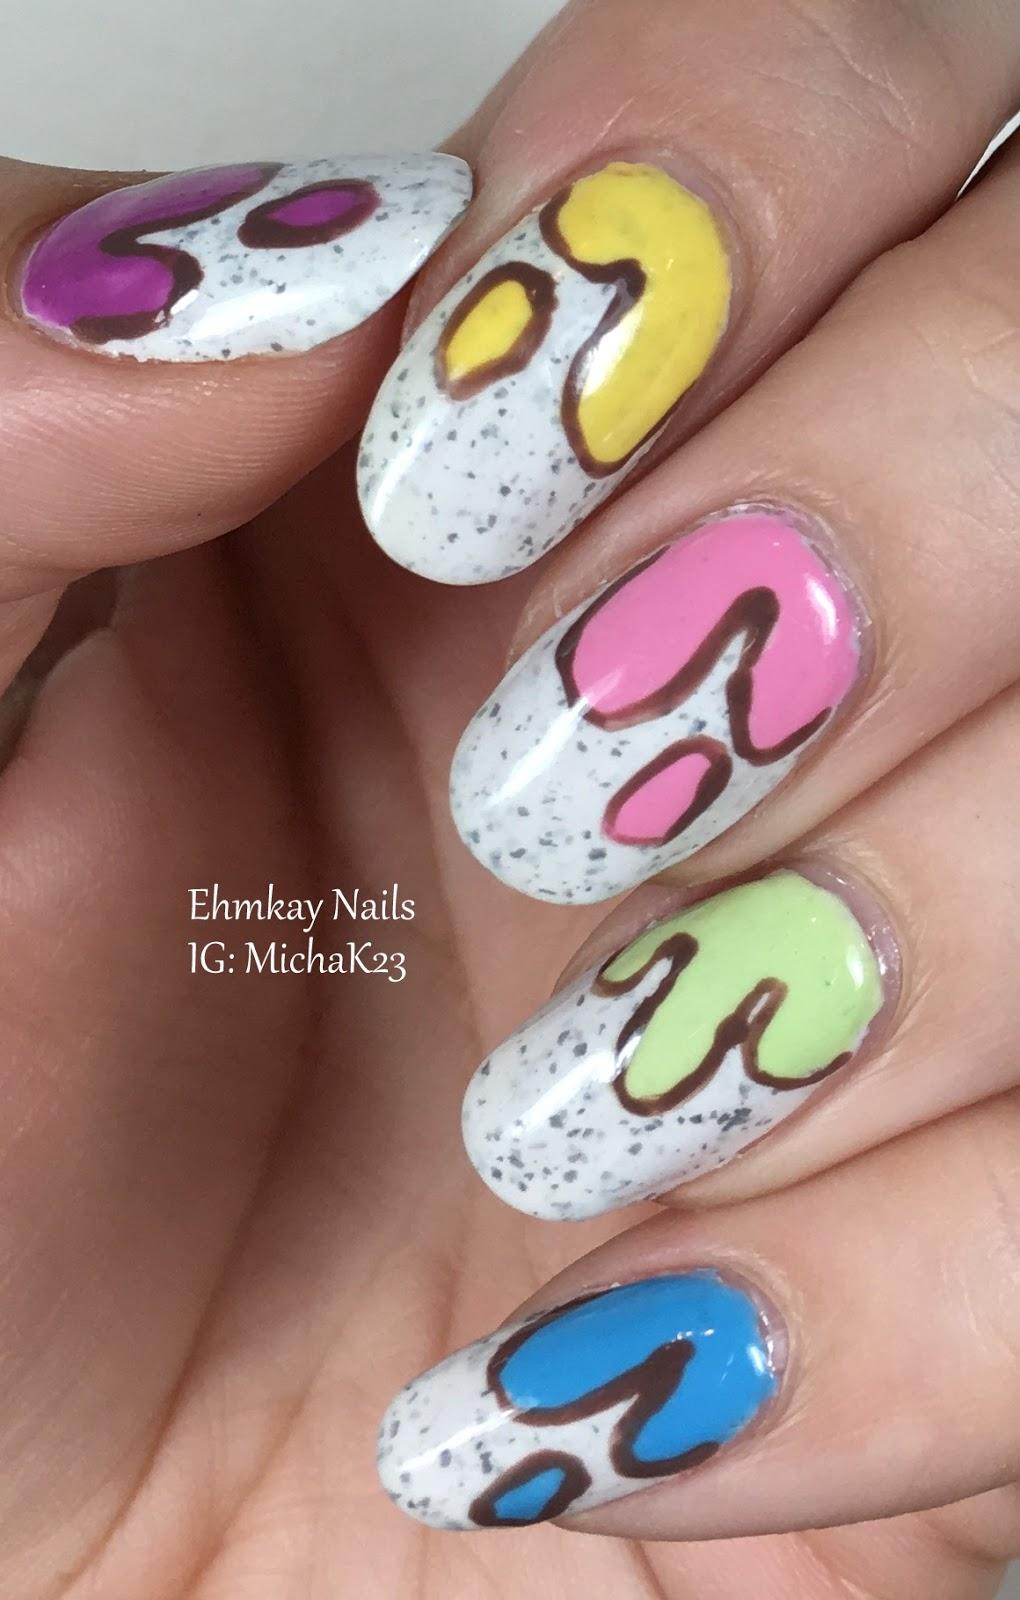 Ehmkay Nails Ice Cream Drip Nail Art With Paint Box Polish Ciao